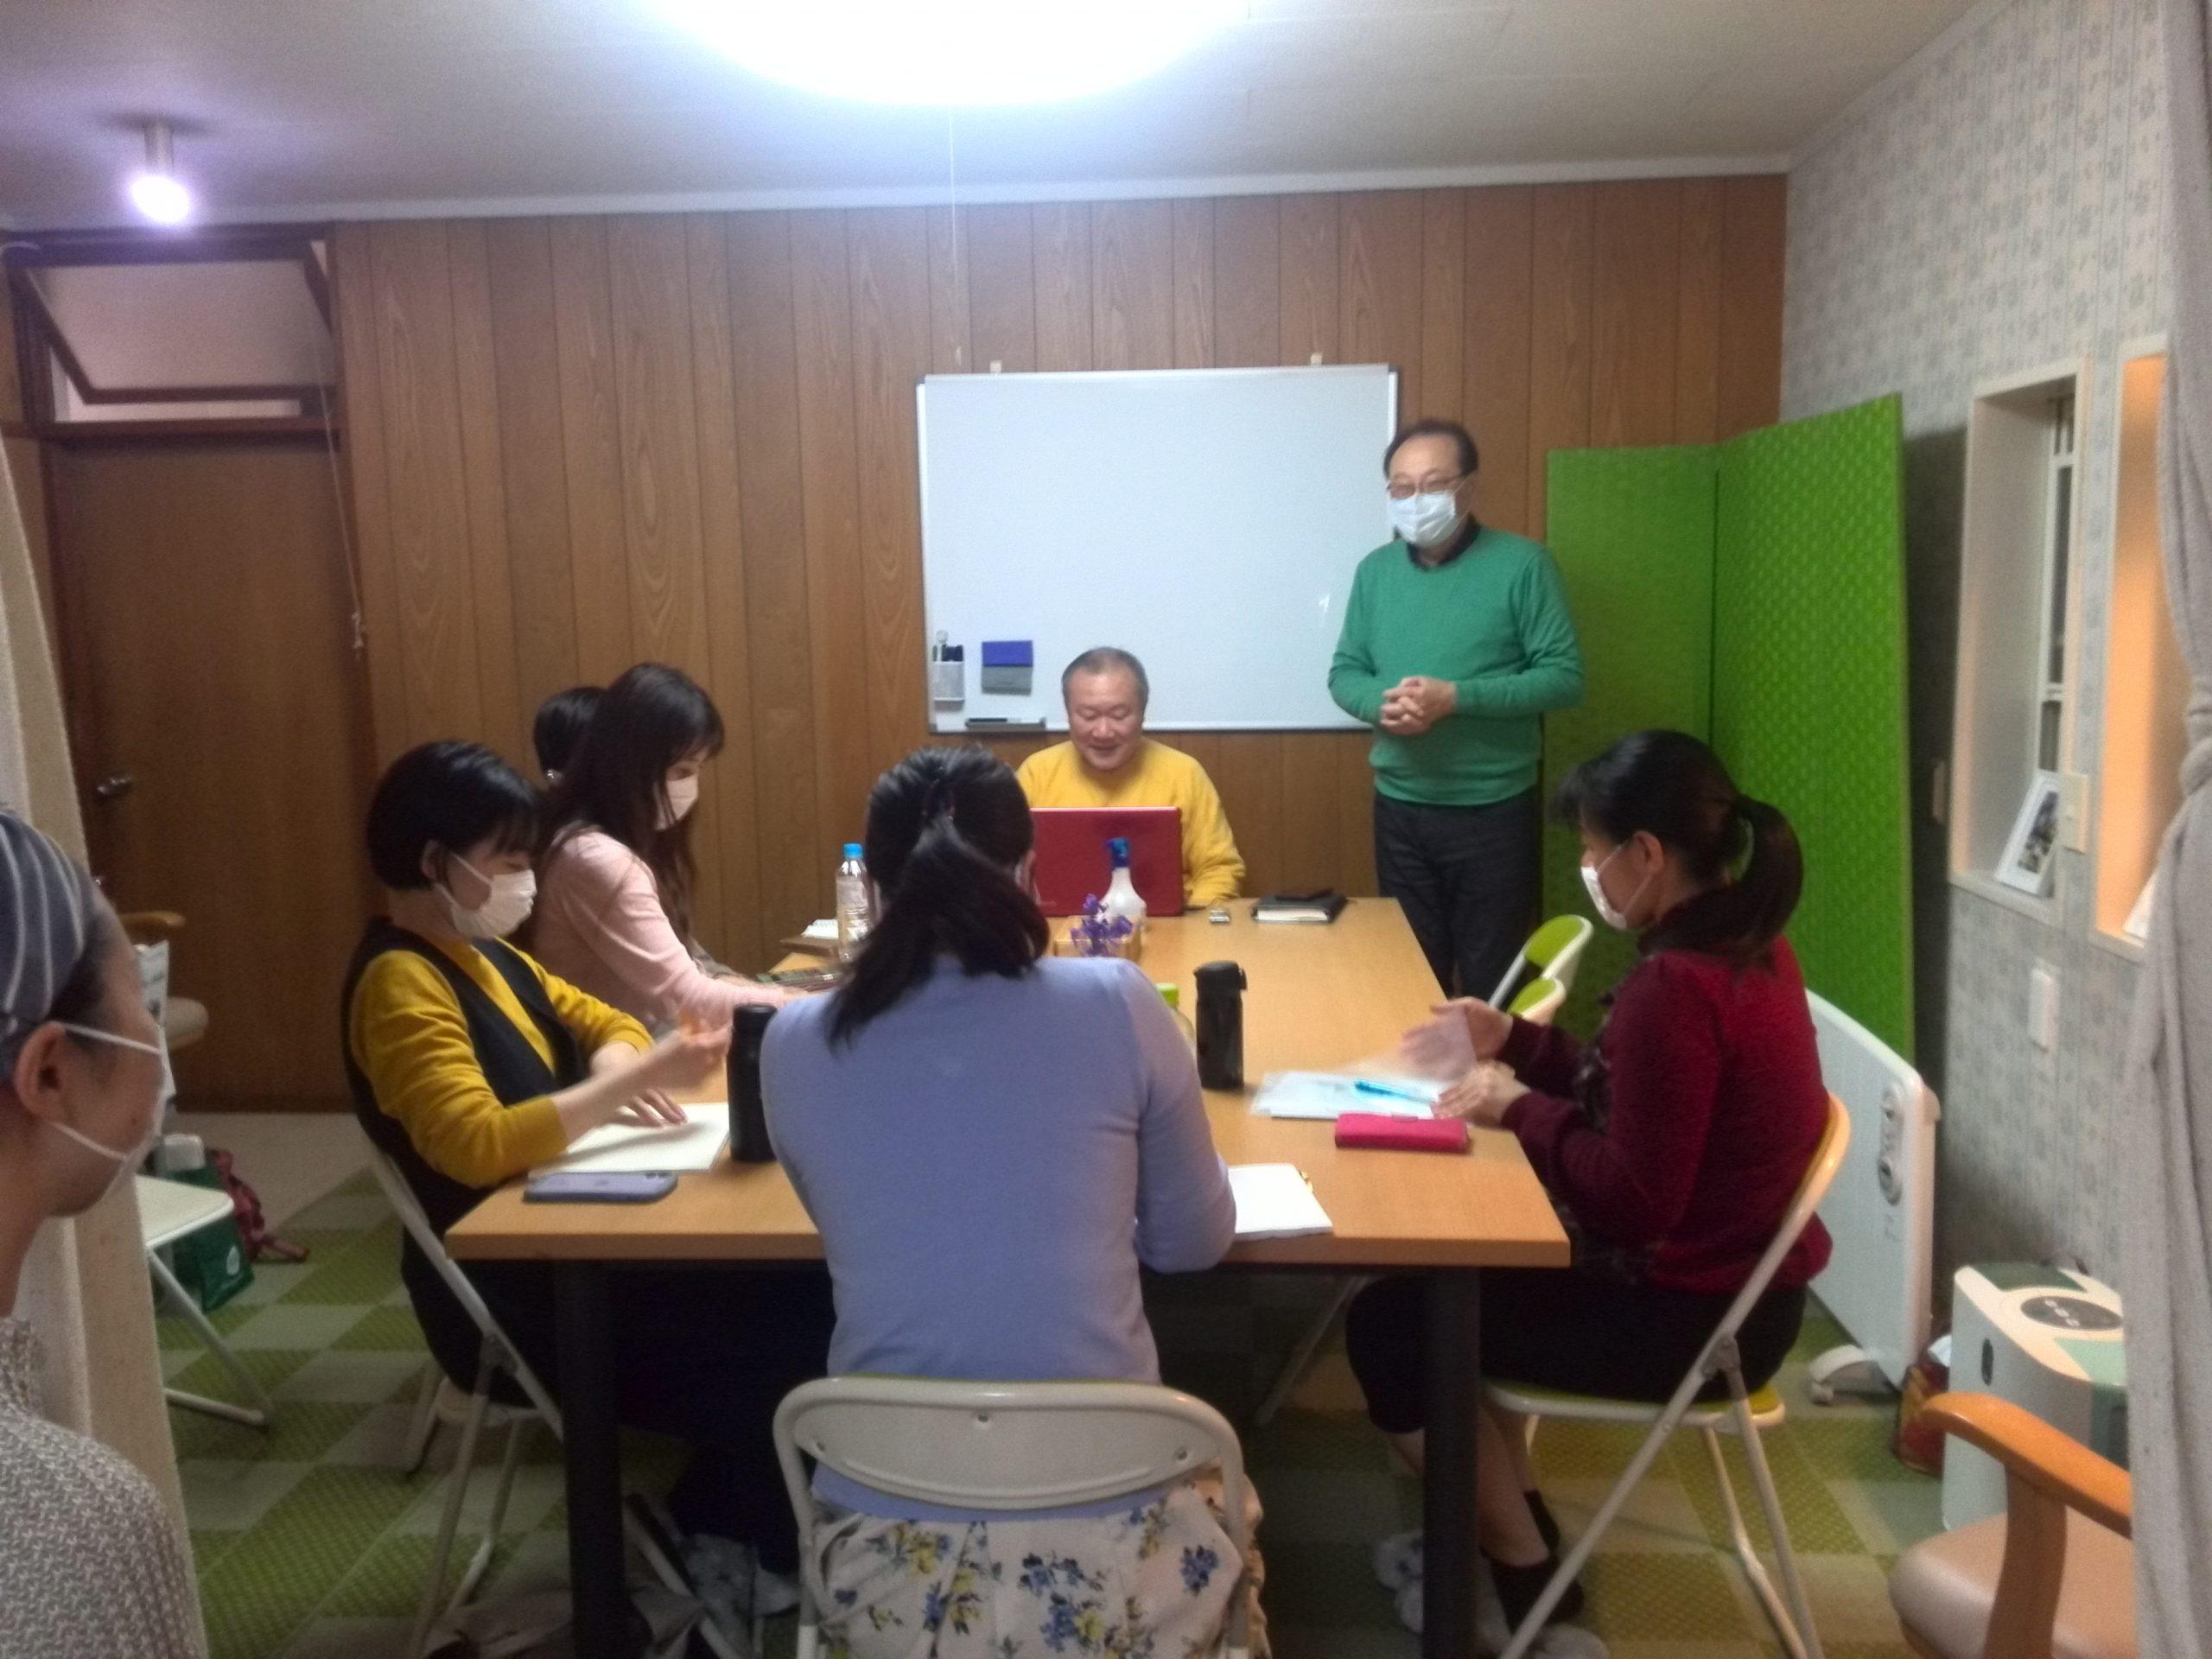 IMG 20200310 183919 scaled - 愛の子育て塾第16期第1講座開催